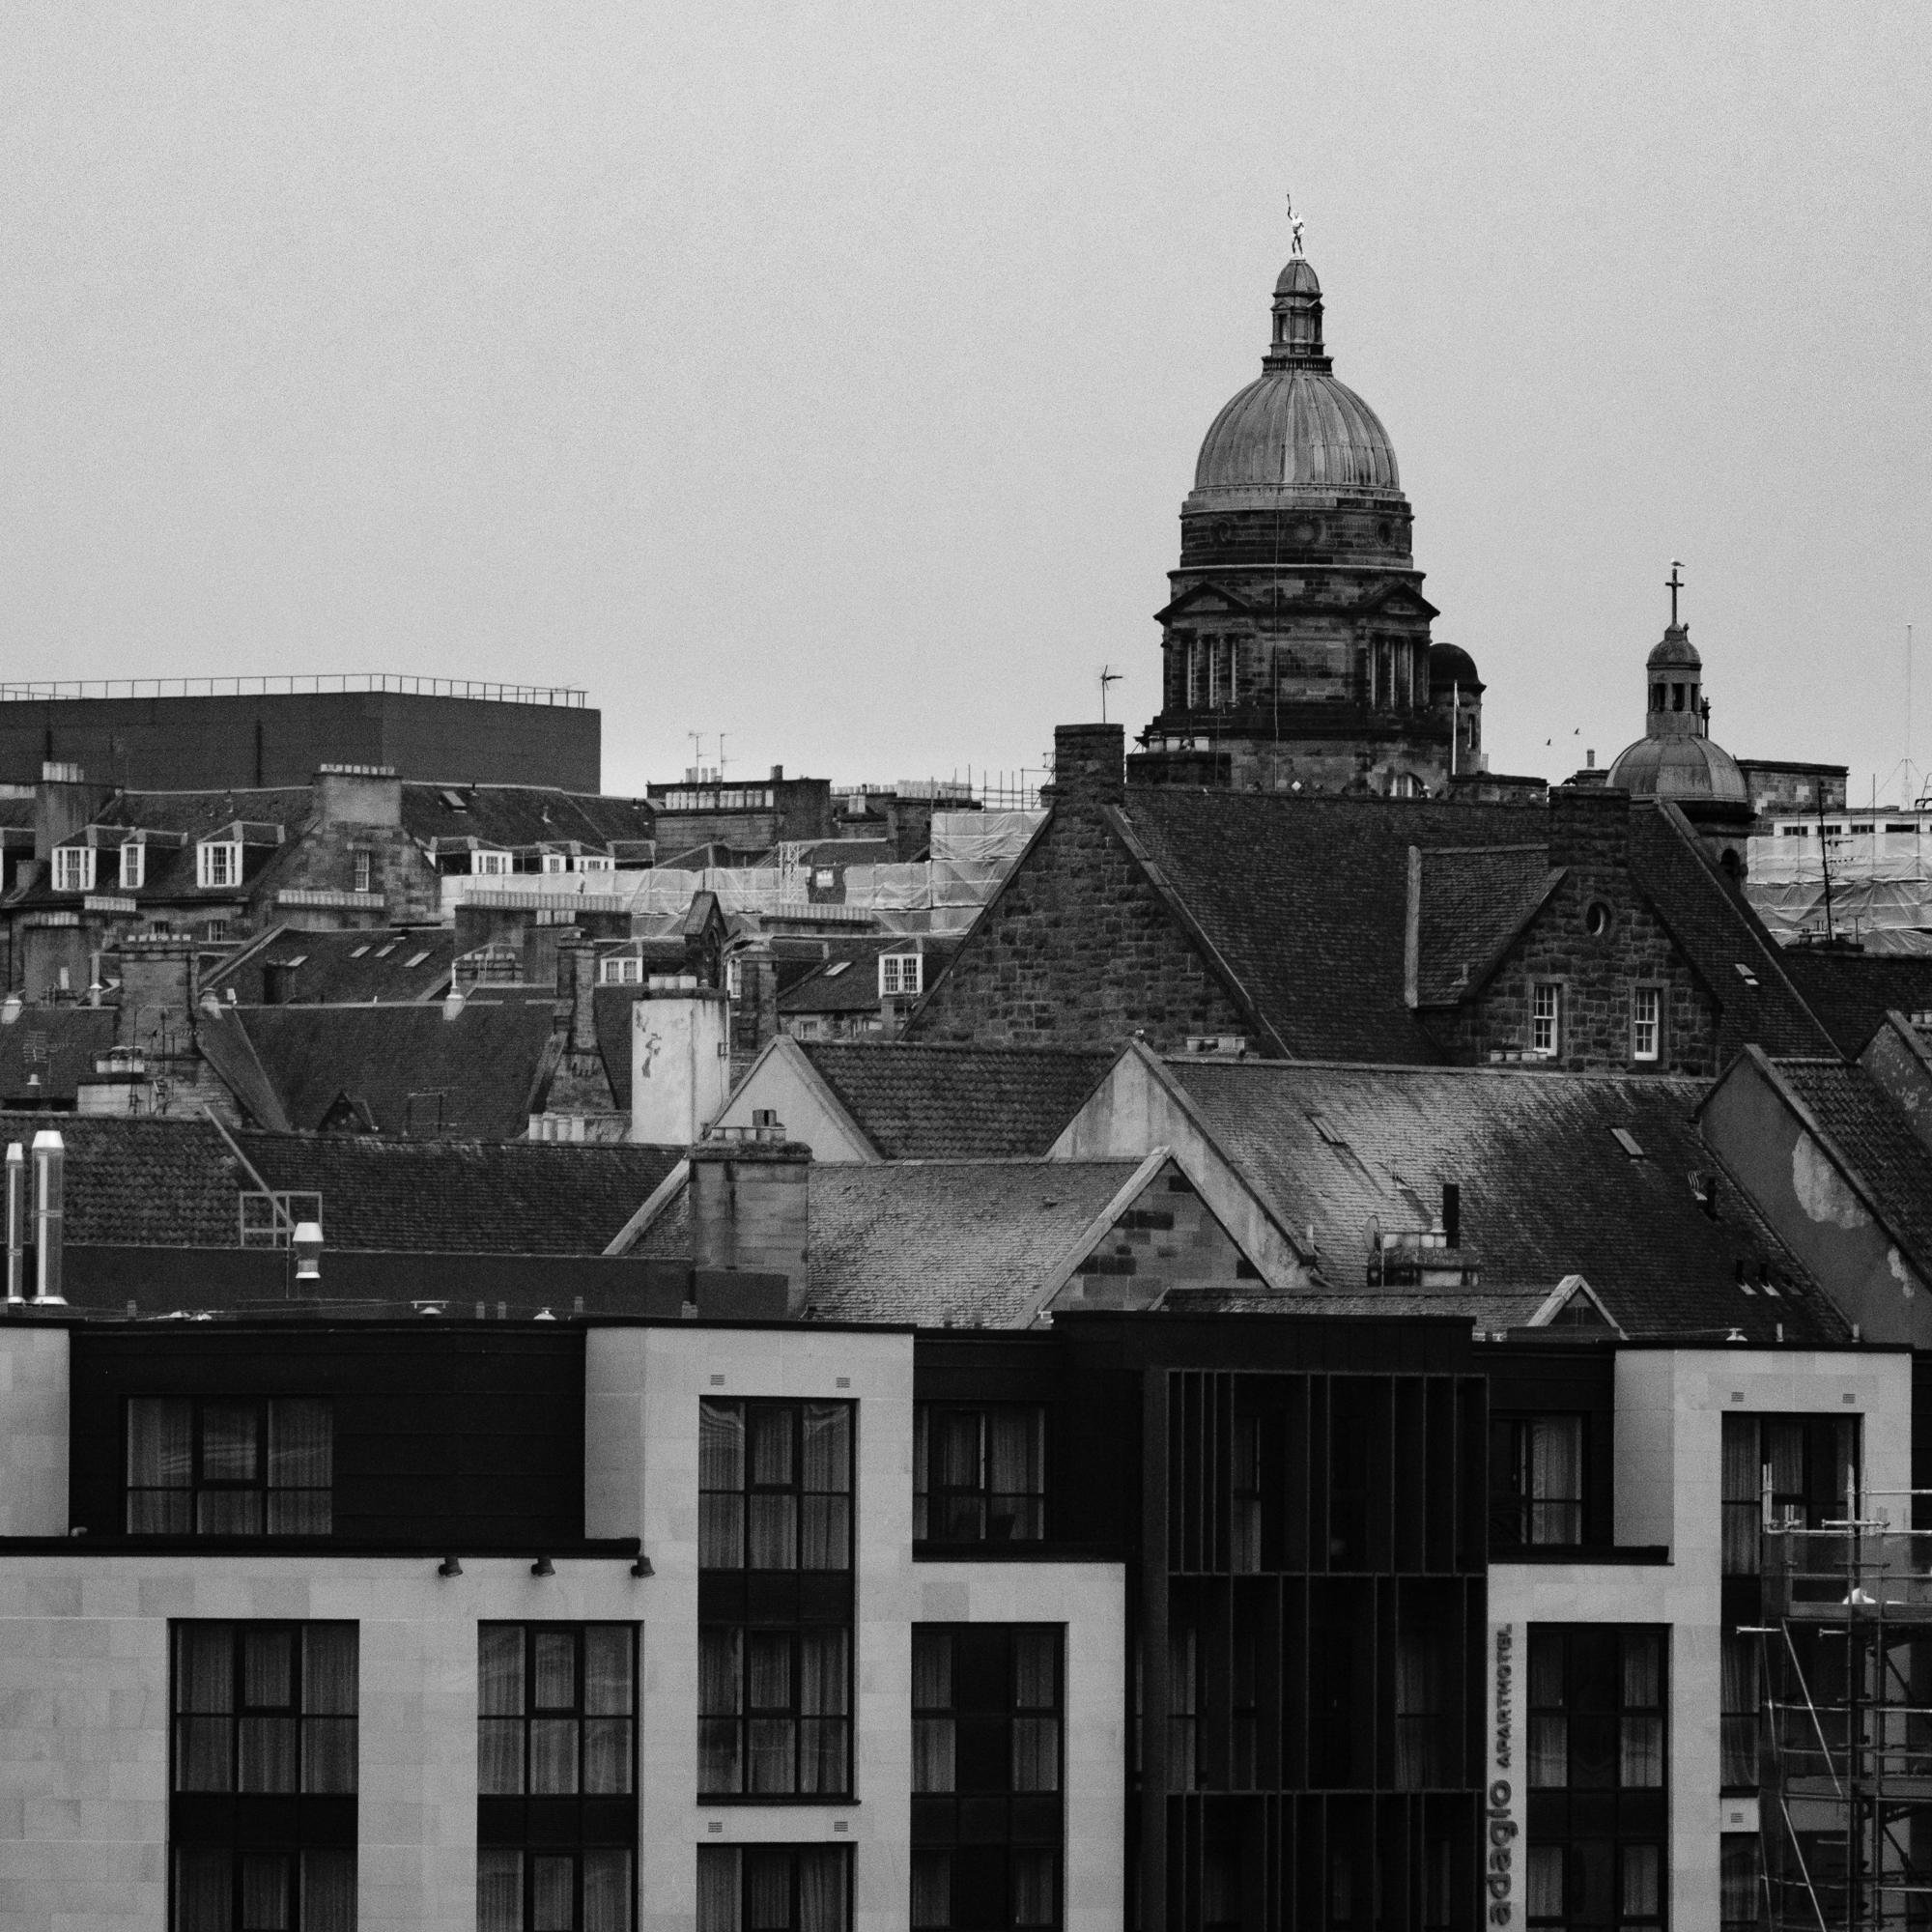 Edinburgh rooftops [XT2 / Acros+R]